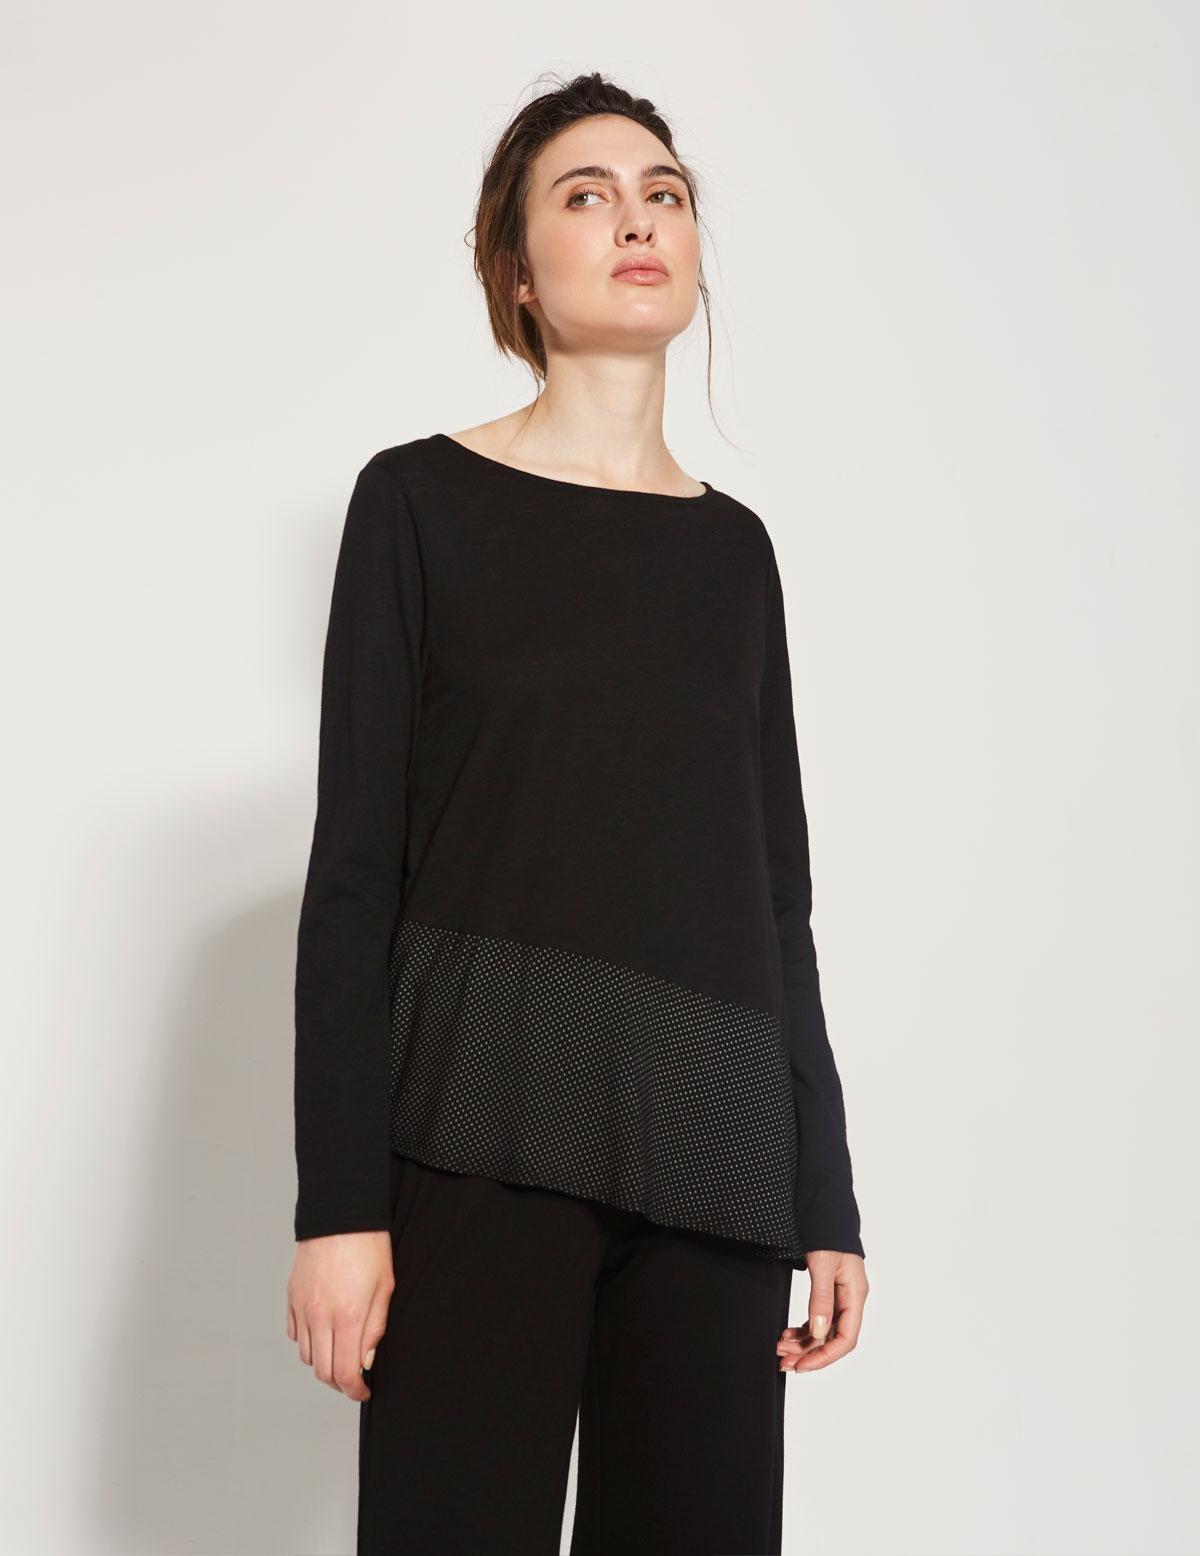 Camiseta bajo asimétrico - Ítem1